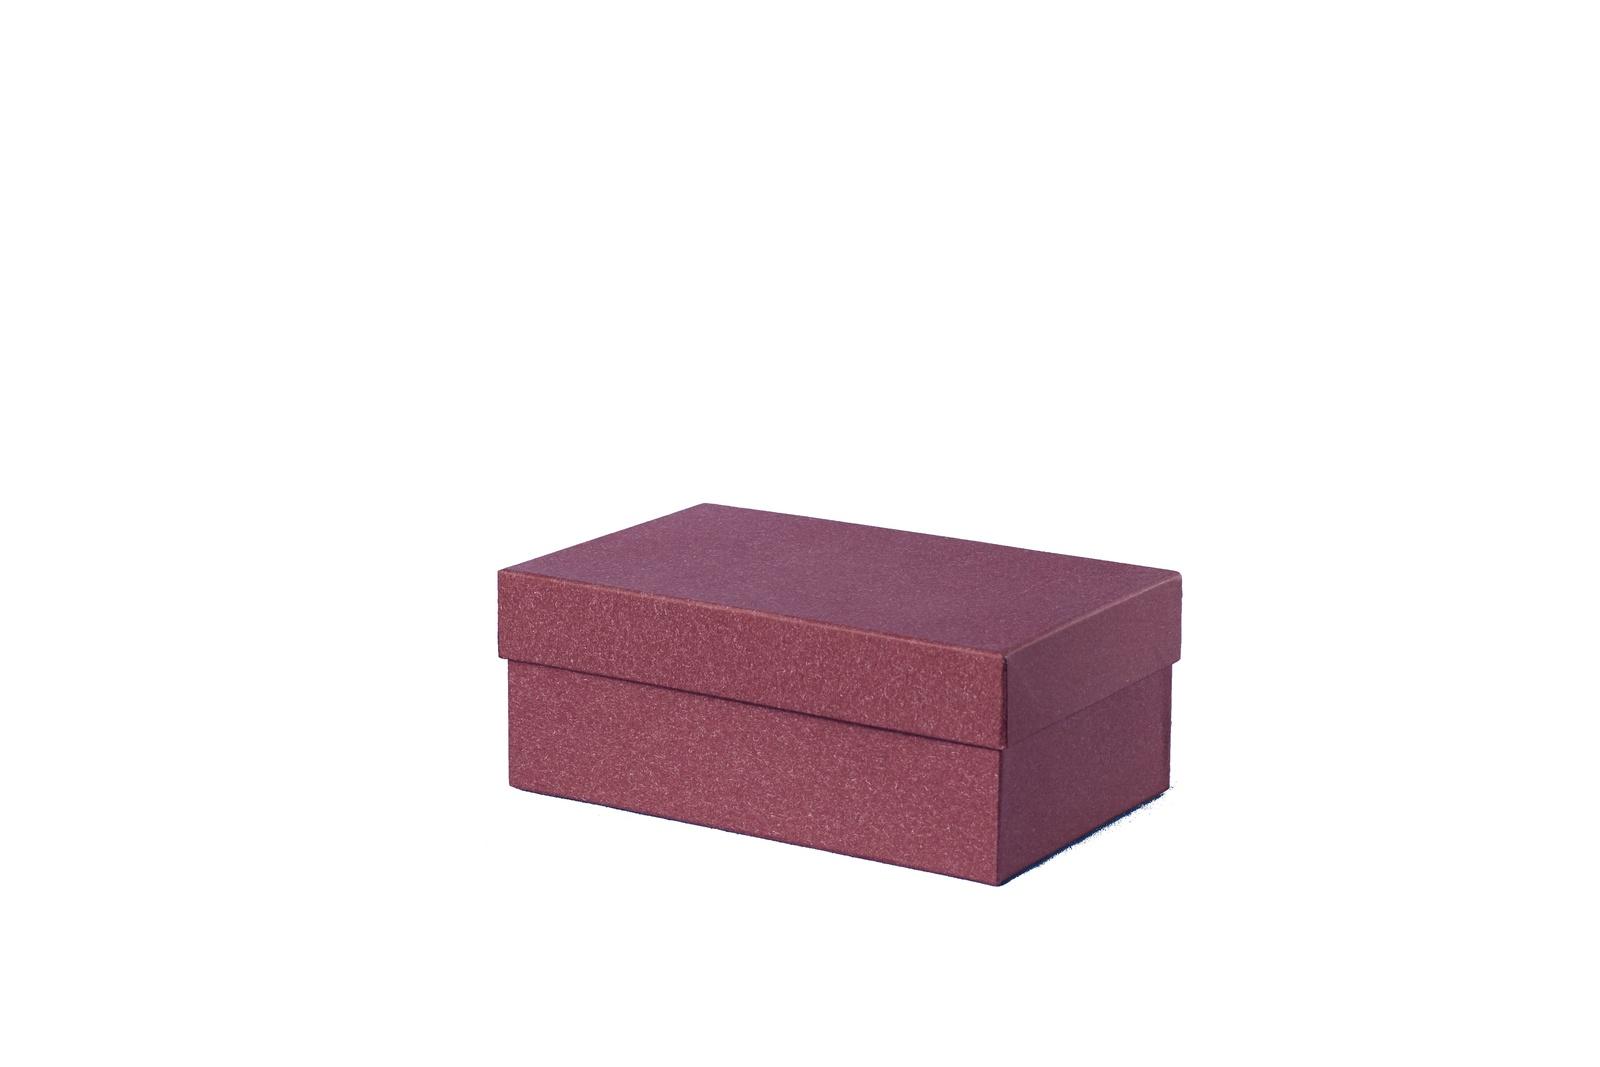 Подарочная упаковка paparforhappy Подарочная коробка, бордовый подарочная коробка ароматные пионы